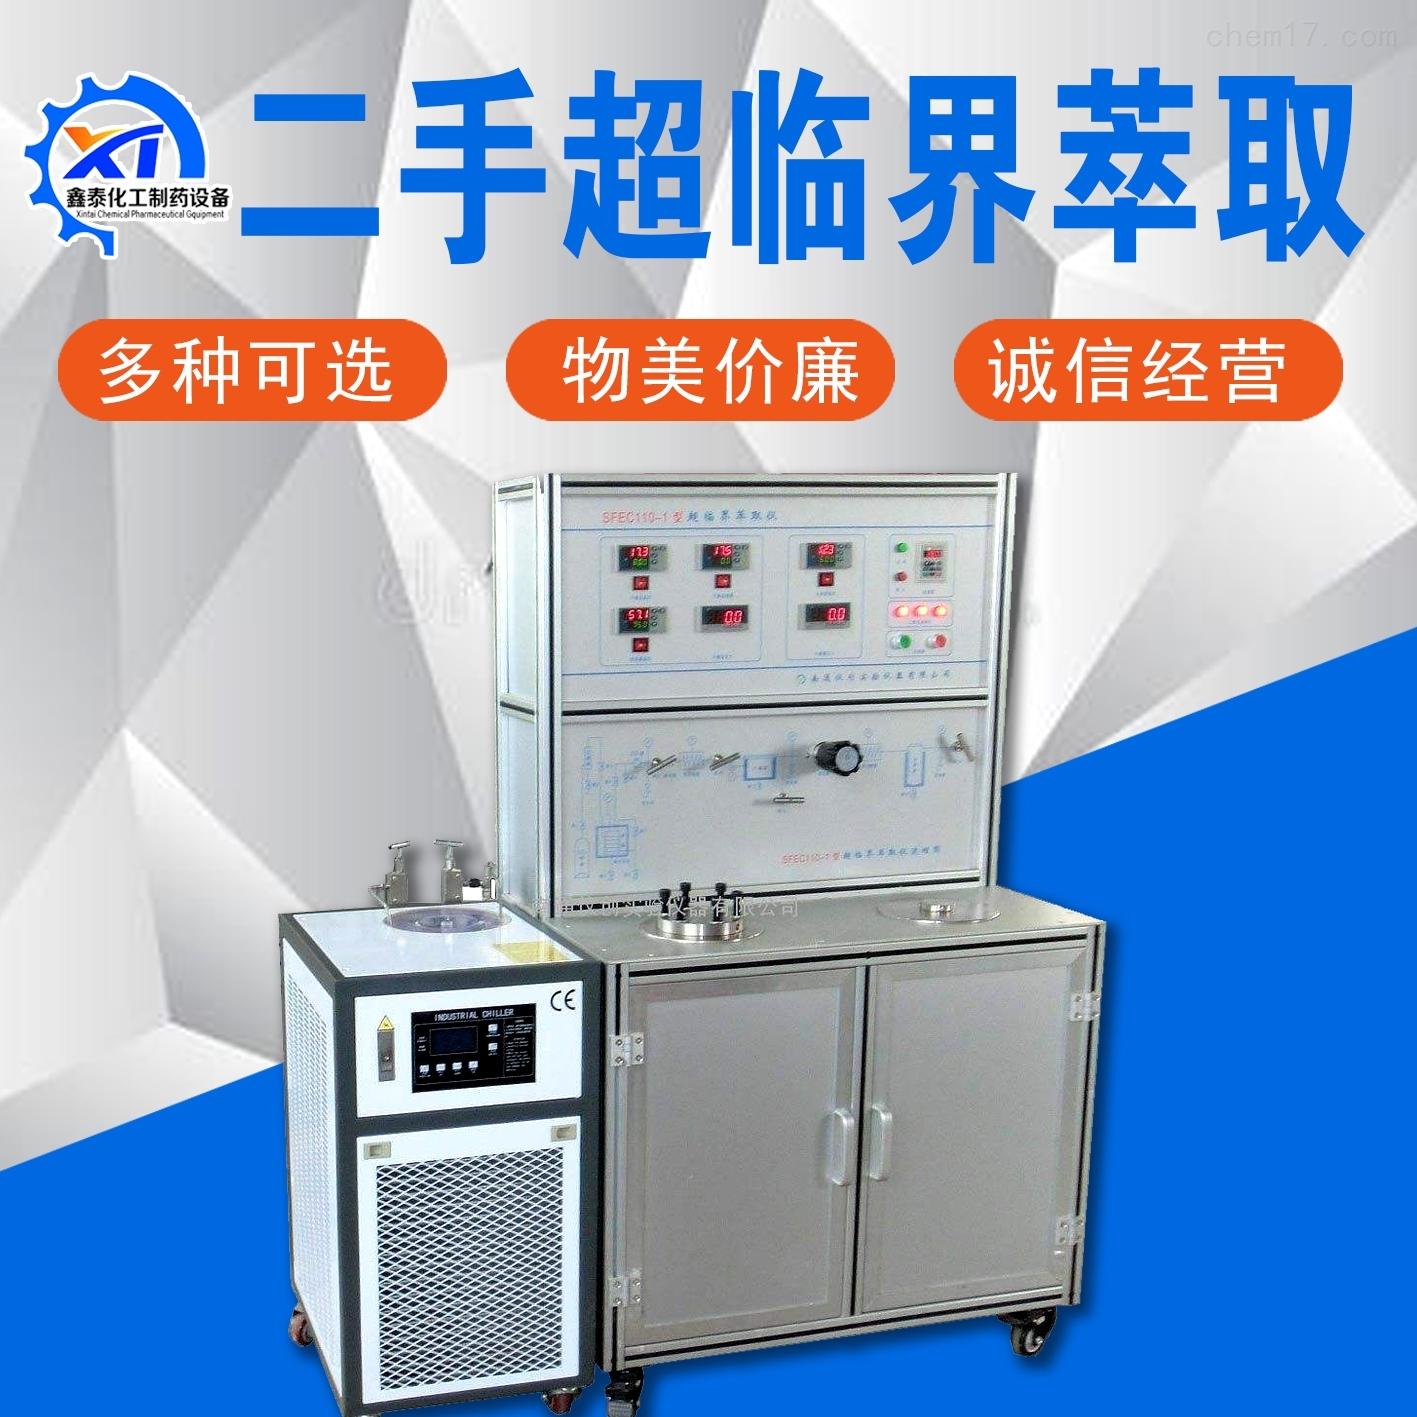 供应二手CO2超临界萃取离心机设备